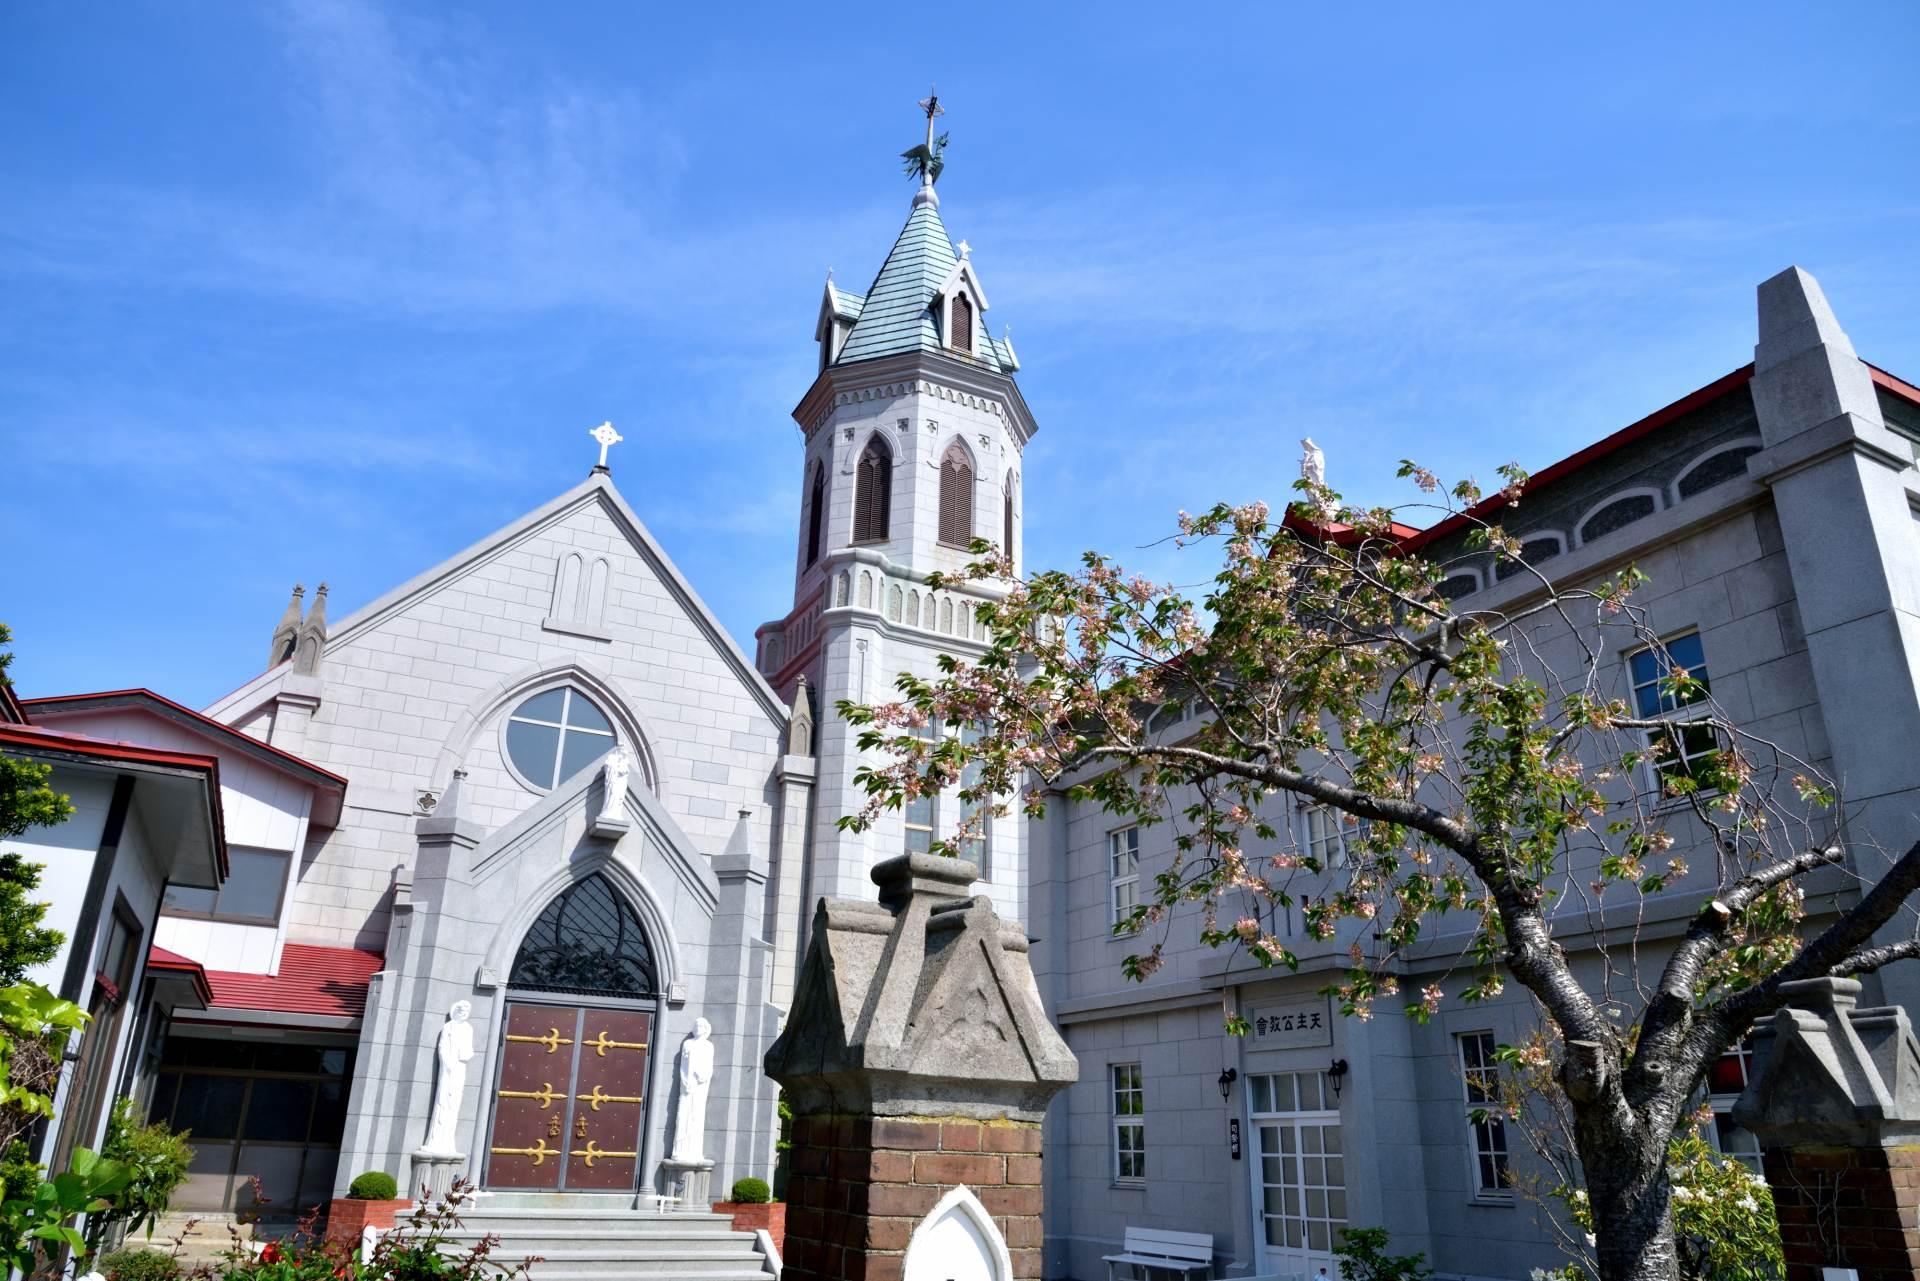 日本最古老的天主教堂之一,元町羅馬天主教堂